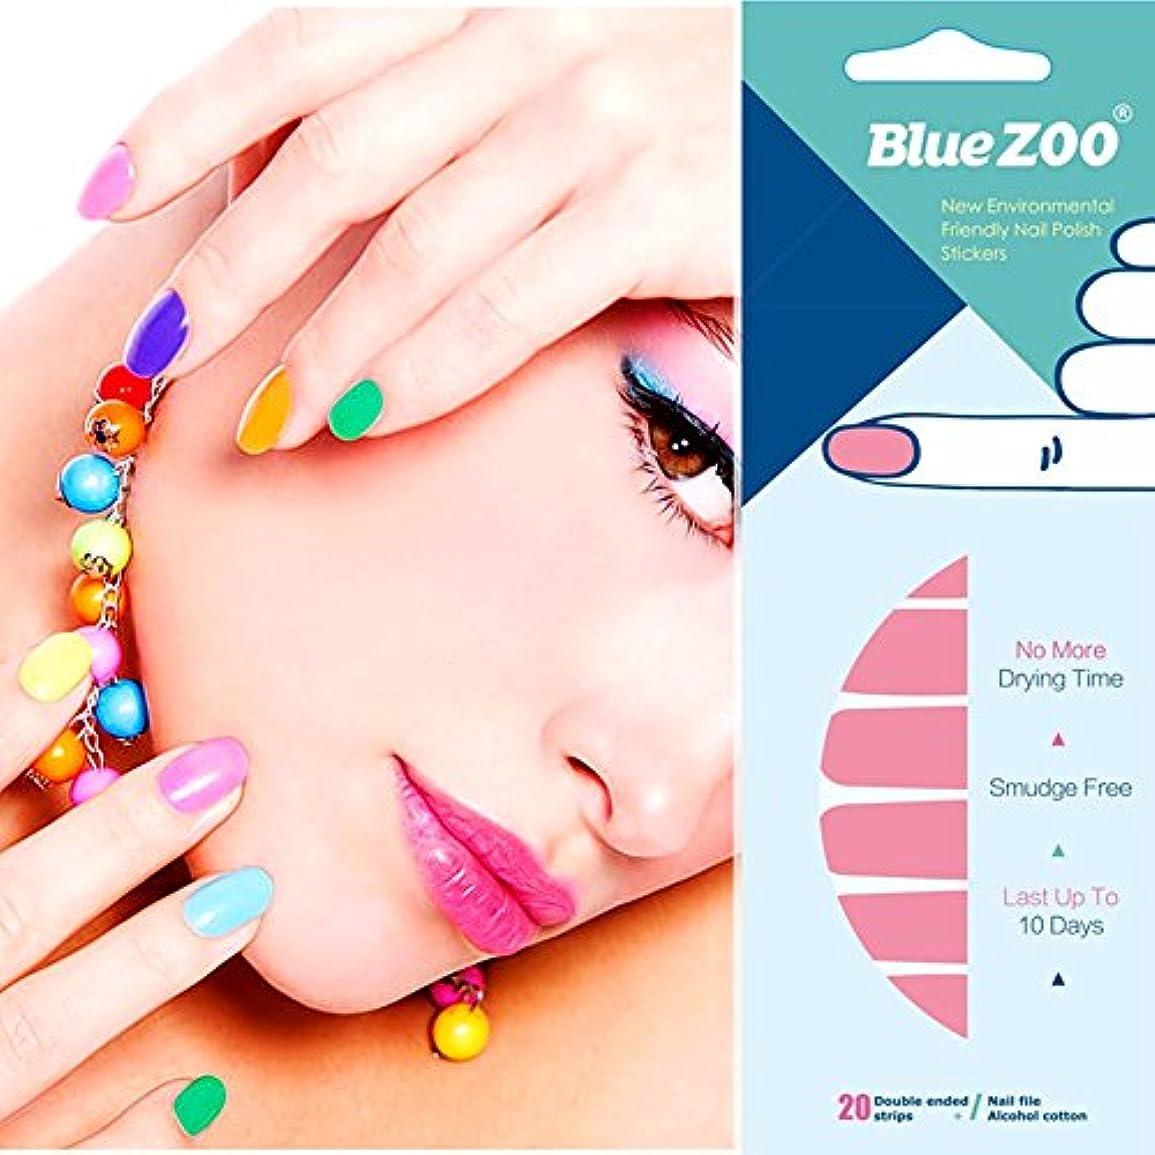 敬の念アスリートミリメーターBlueZOO (ブルーズー) ネイル シール ステッカー 高品質の 純色の ネイル ペースト 20個/枚 貼るだけマニキュア